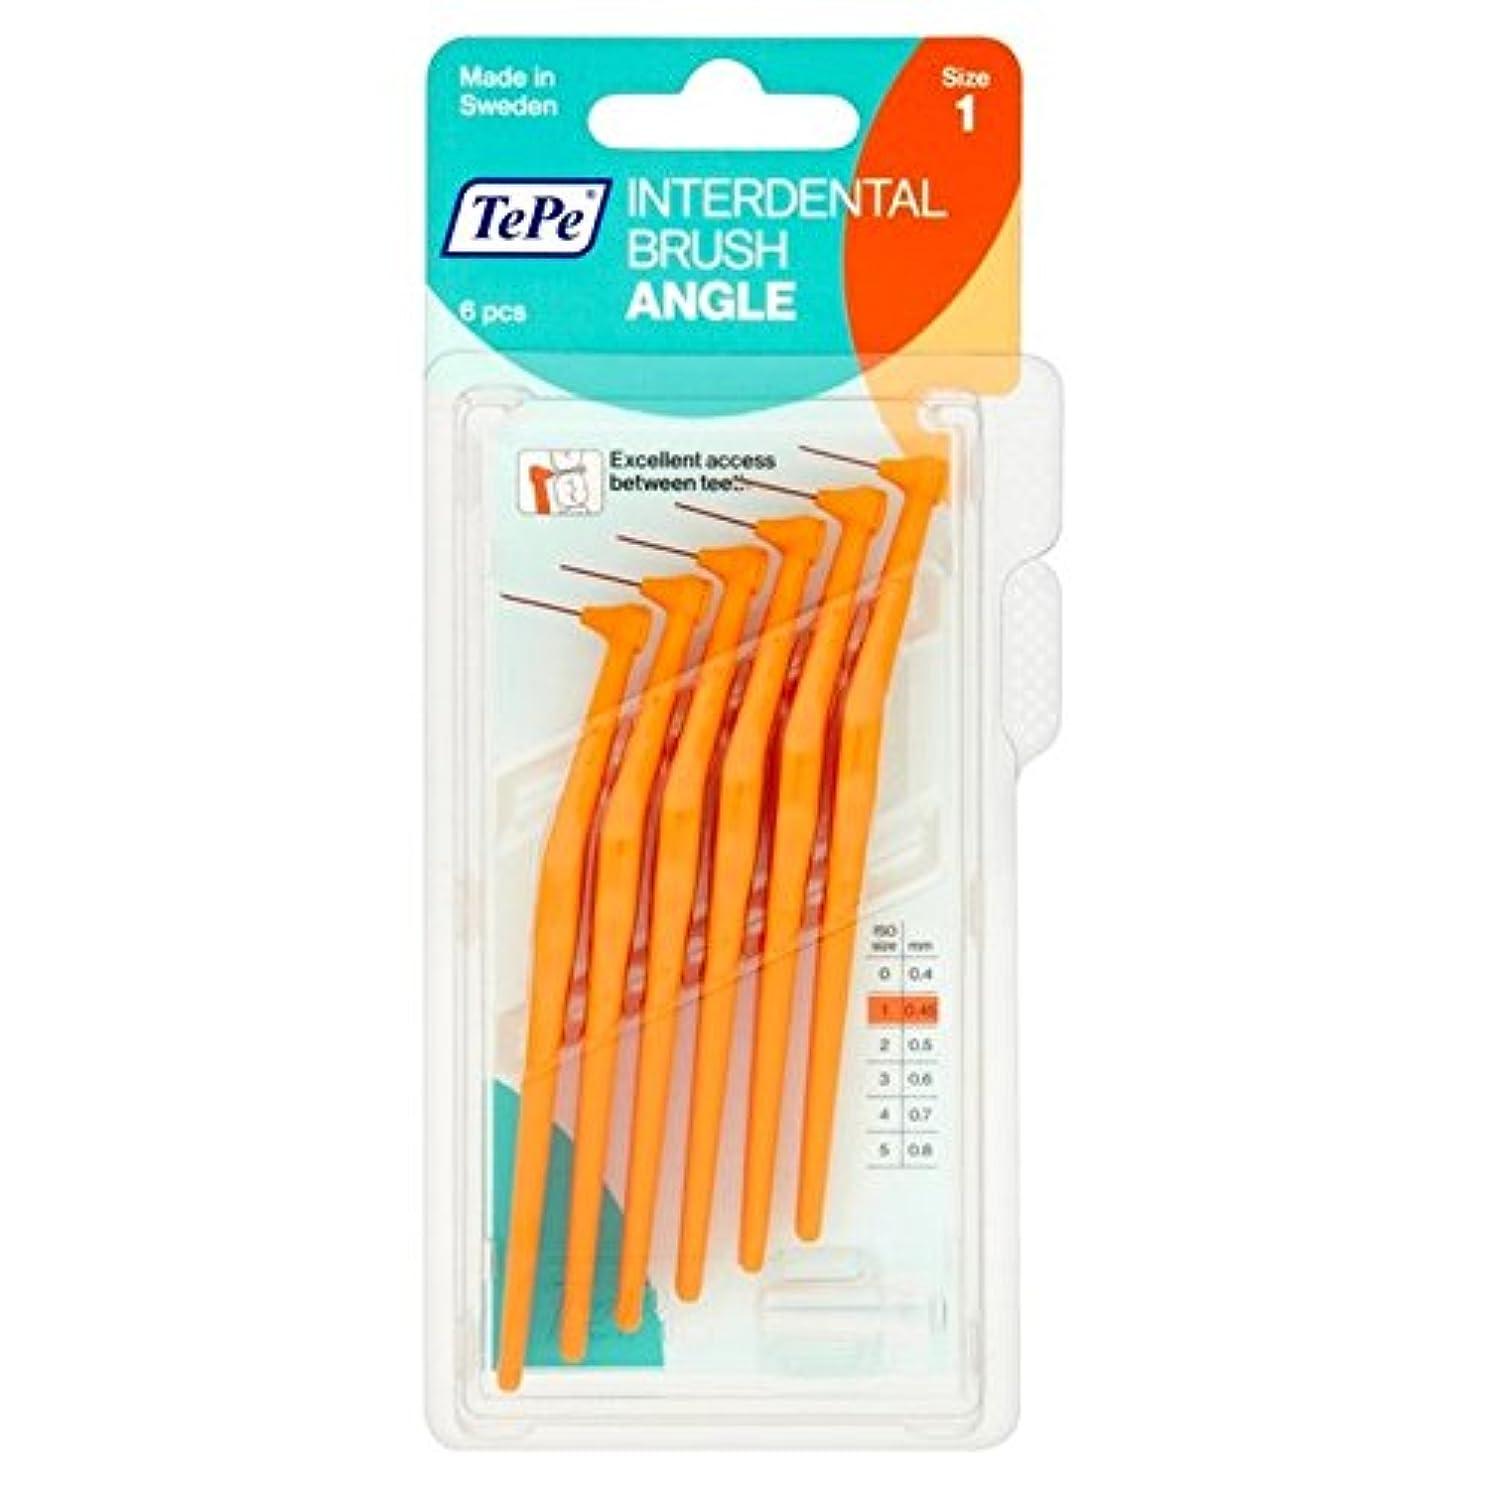 イブニング連隊私たちテペ角パックあたりオレンジ0.45ミリメートル6 x2 - TePe Angle Orange 0.45mm 6 per pack (Pack of 2) [並行輸入品]